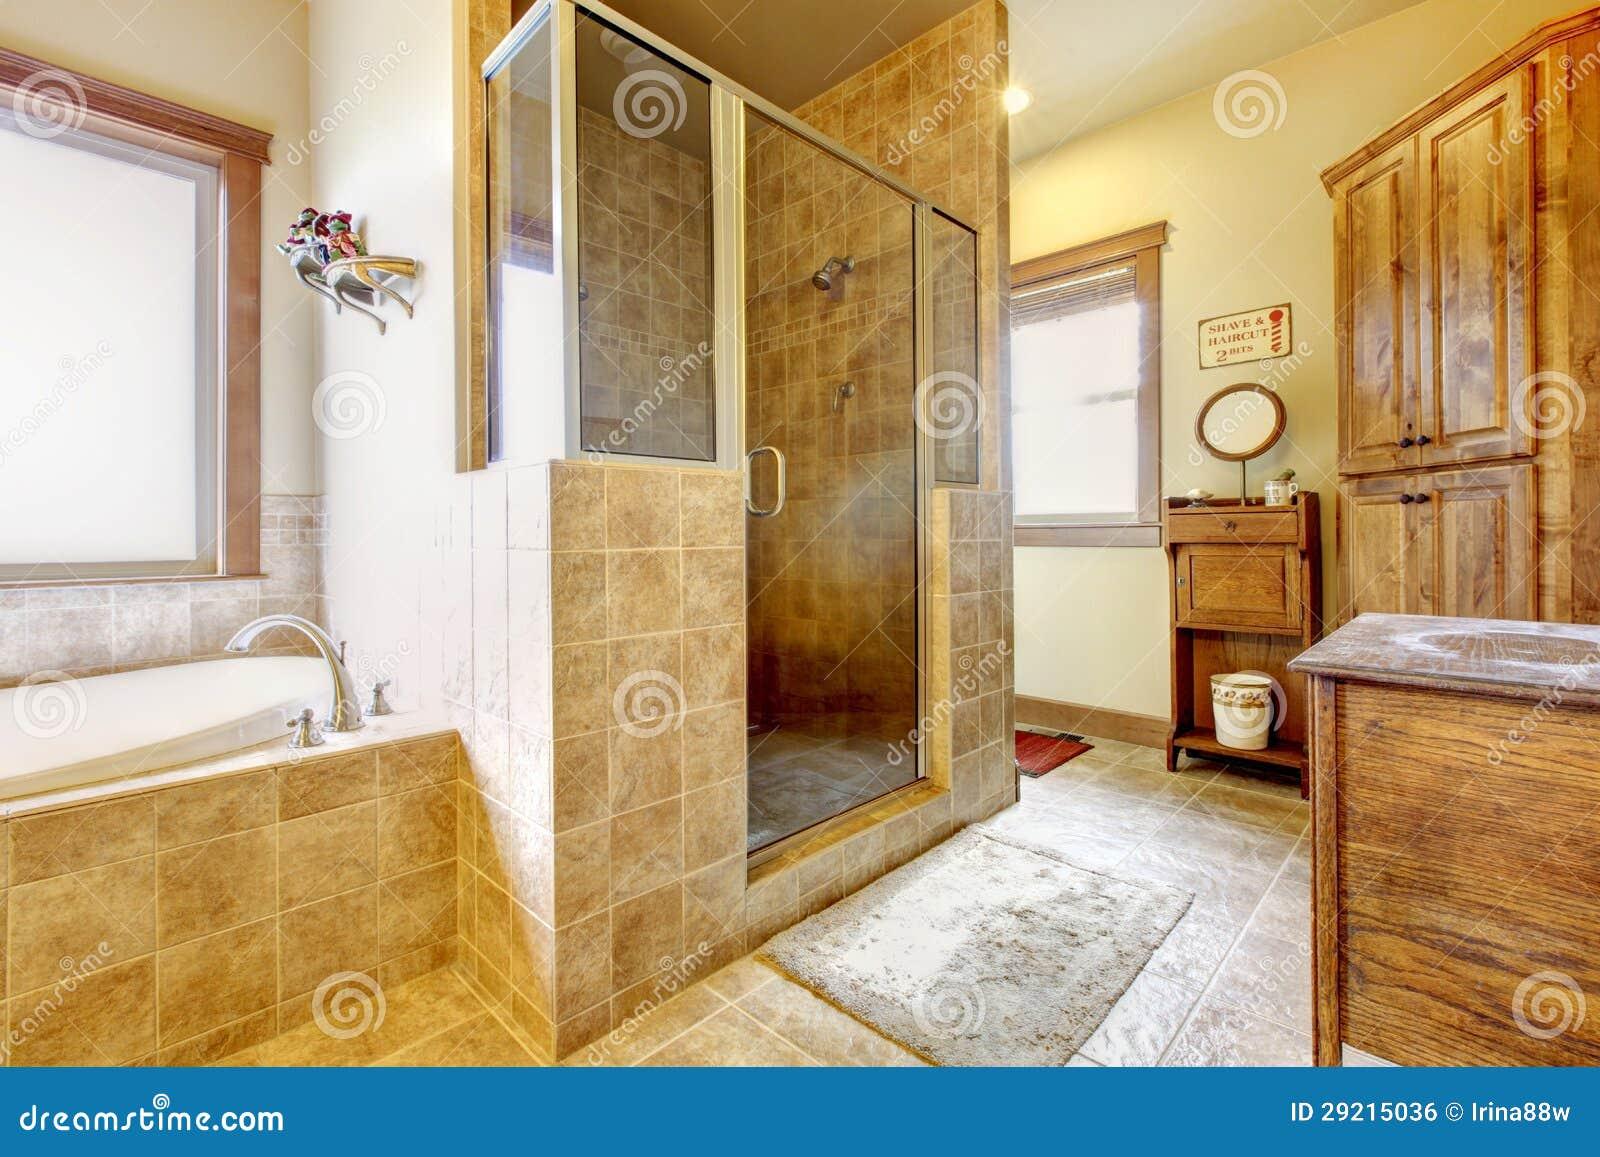 Grande bagno con mobilia di legno e colori naturali immagine stock libera da diritti immagine - Casa americana in legno ...